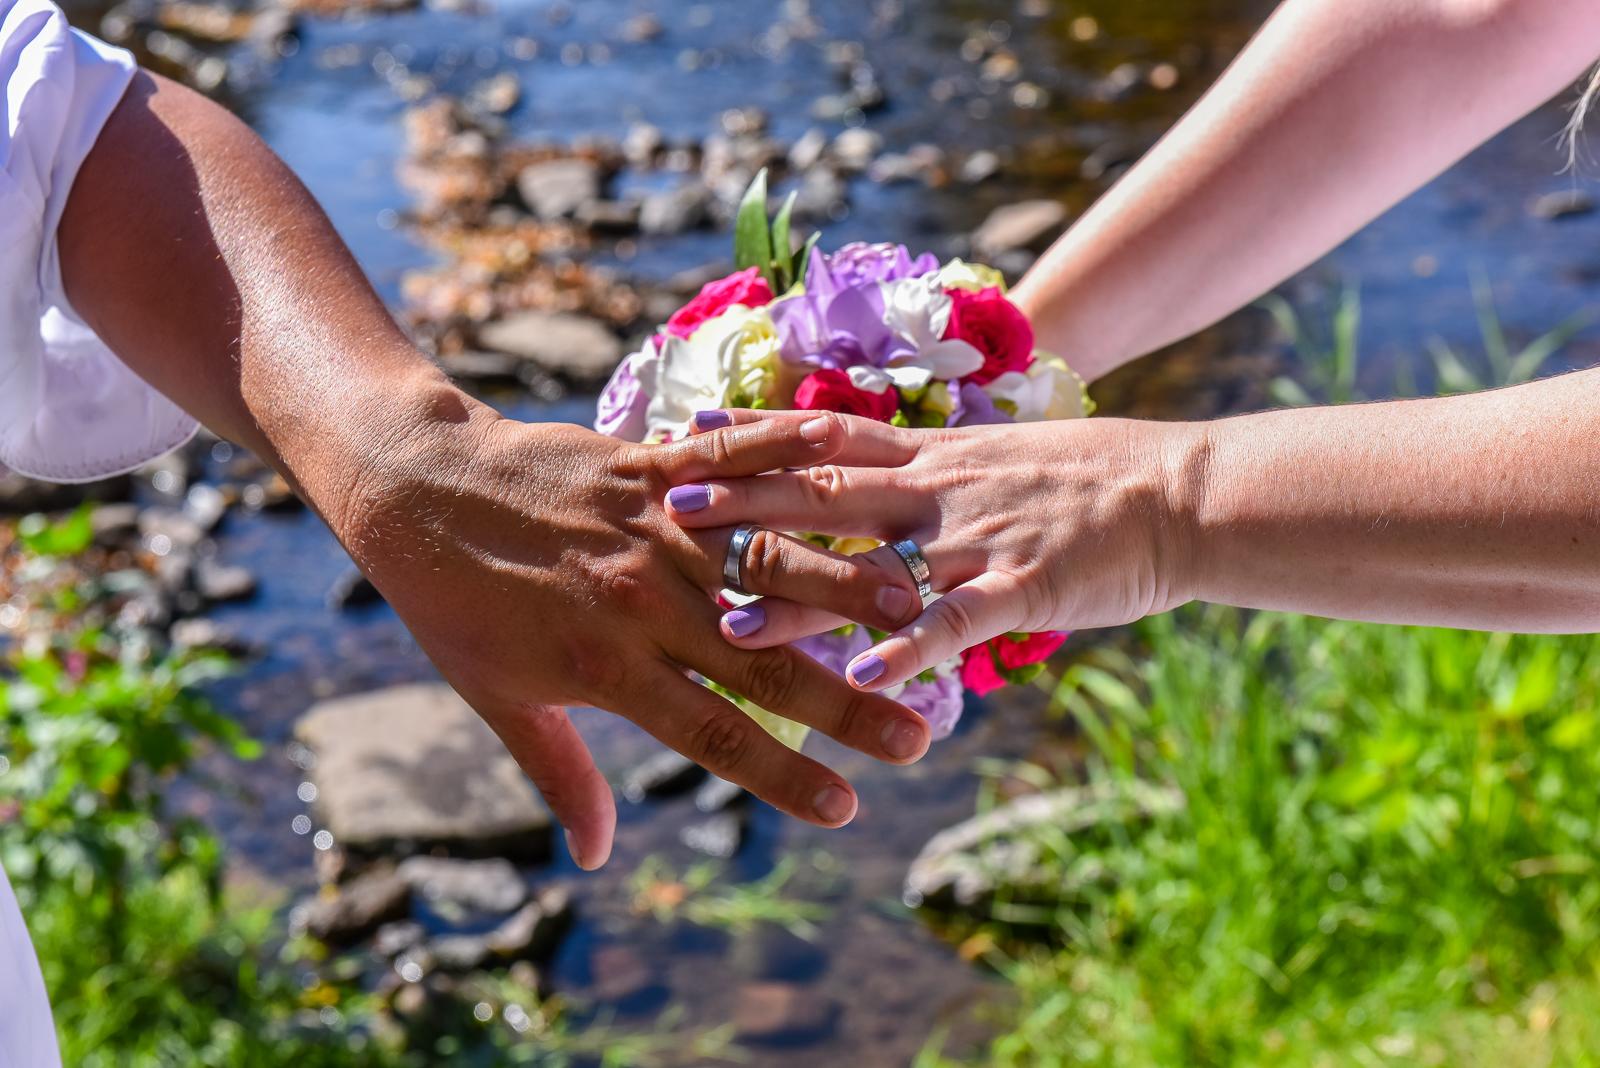 Co všechno by měl zajistit fotograf na svatbu?